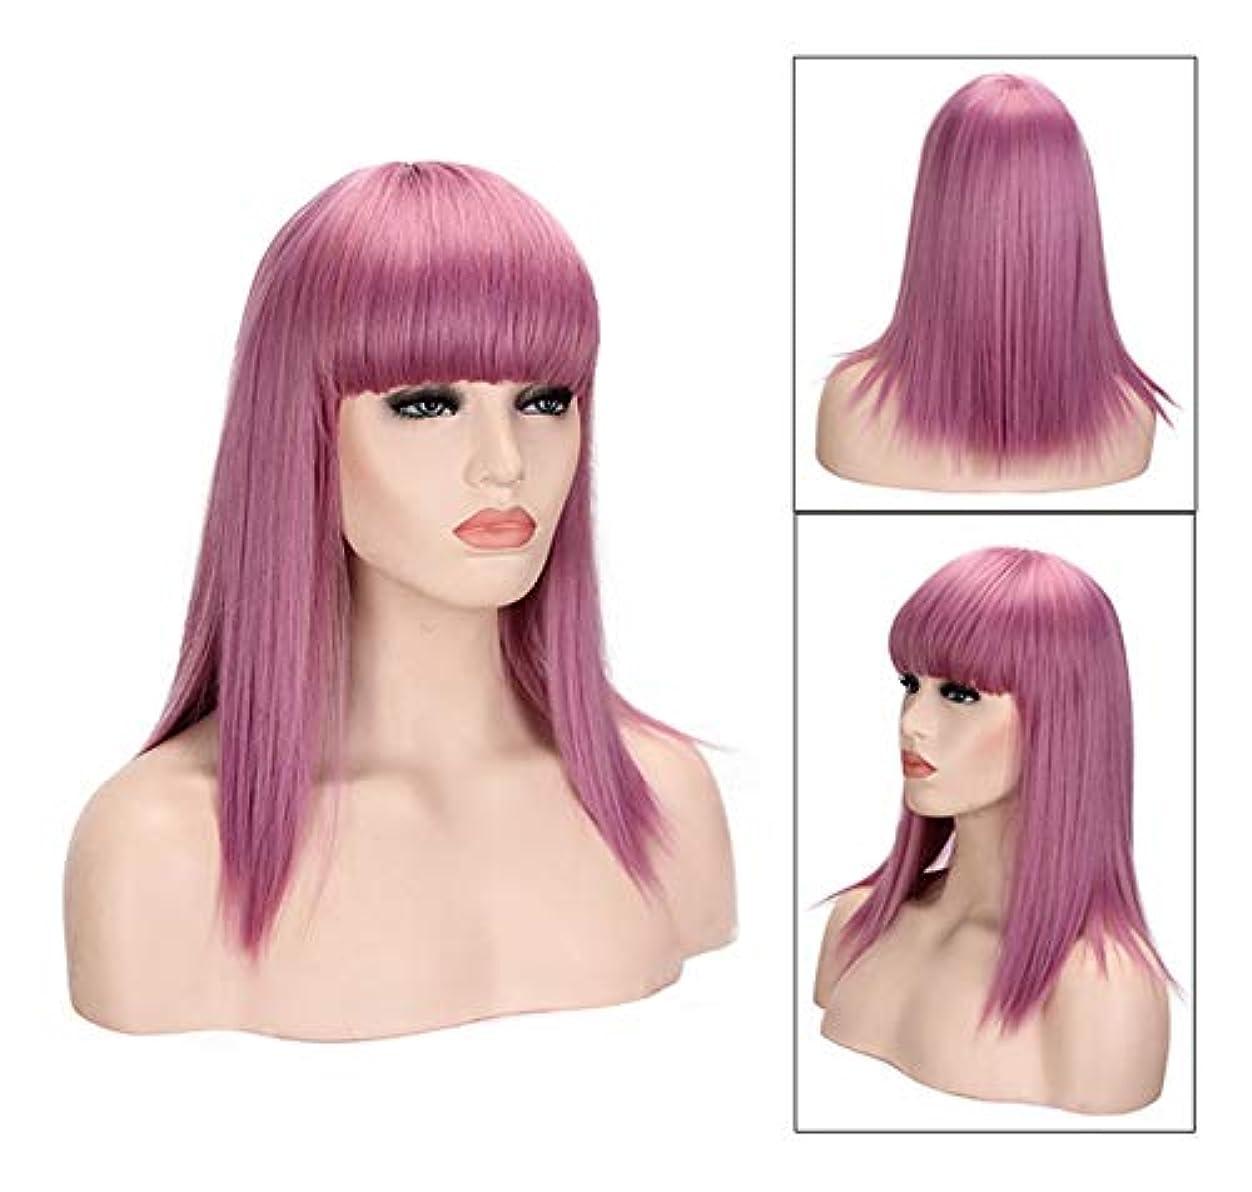 バンカーウォルターカニンガム割り当てます女性用フルウィッグ、コスプレパーティーデイリードレスのヘアピースの前髪と自然なピンク合成ミディアムロングストレートの髪